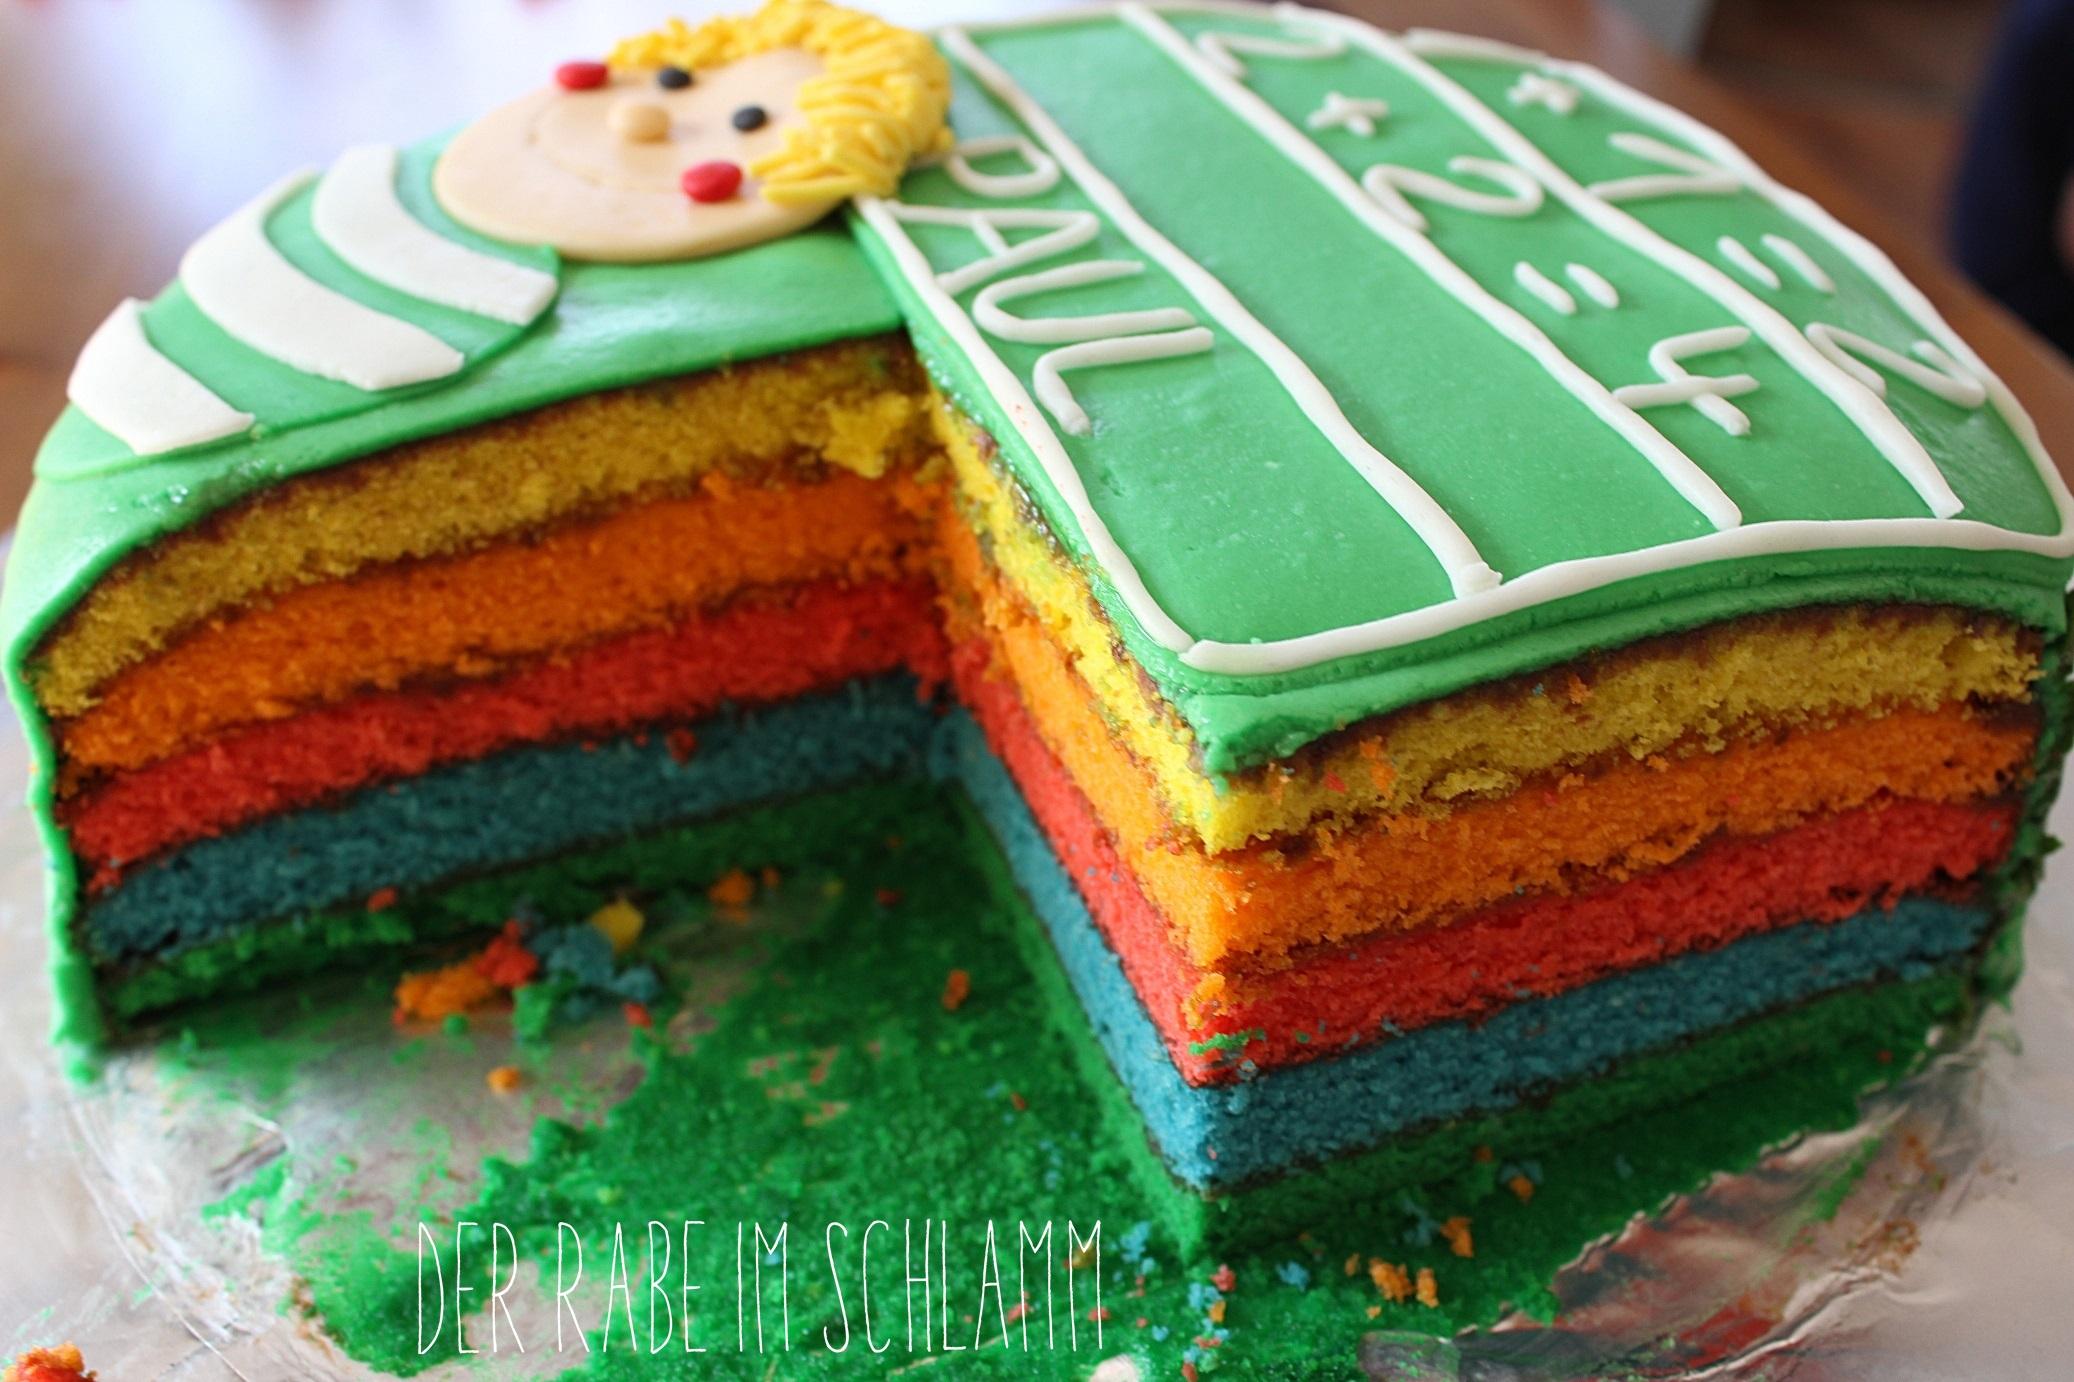 Einschulung, Torte, Regenbogentorte, Der Rabe im Schlamm